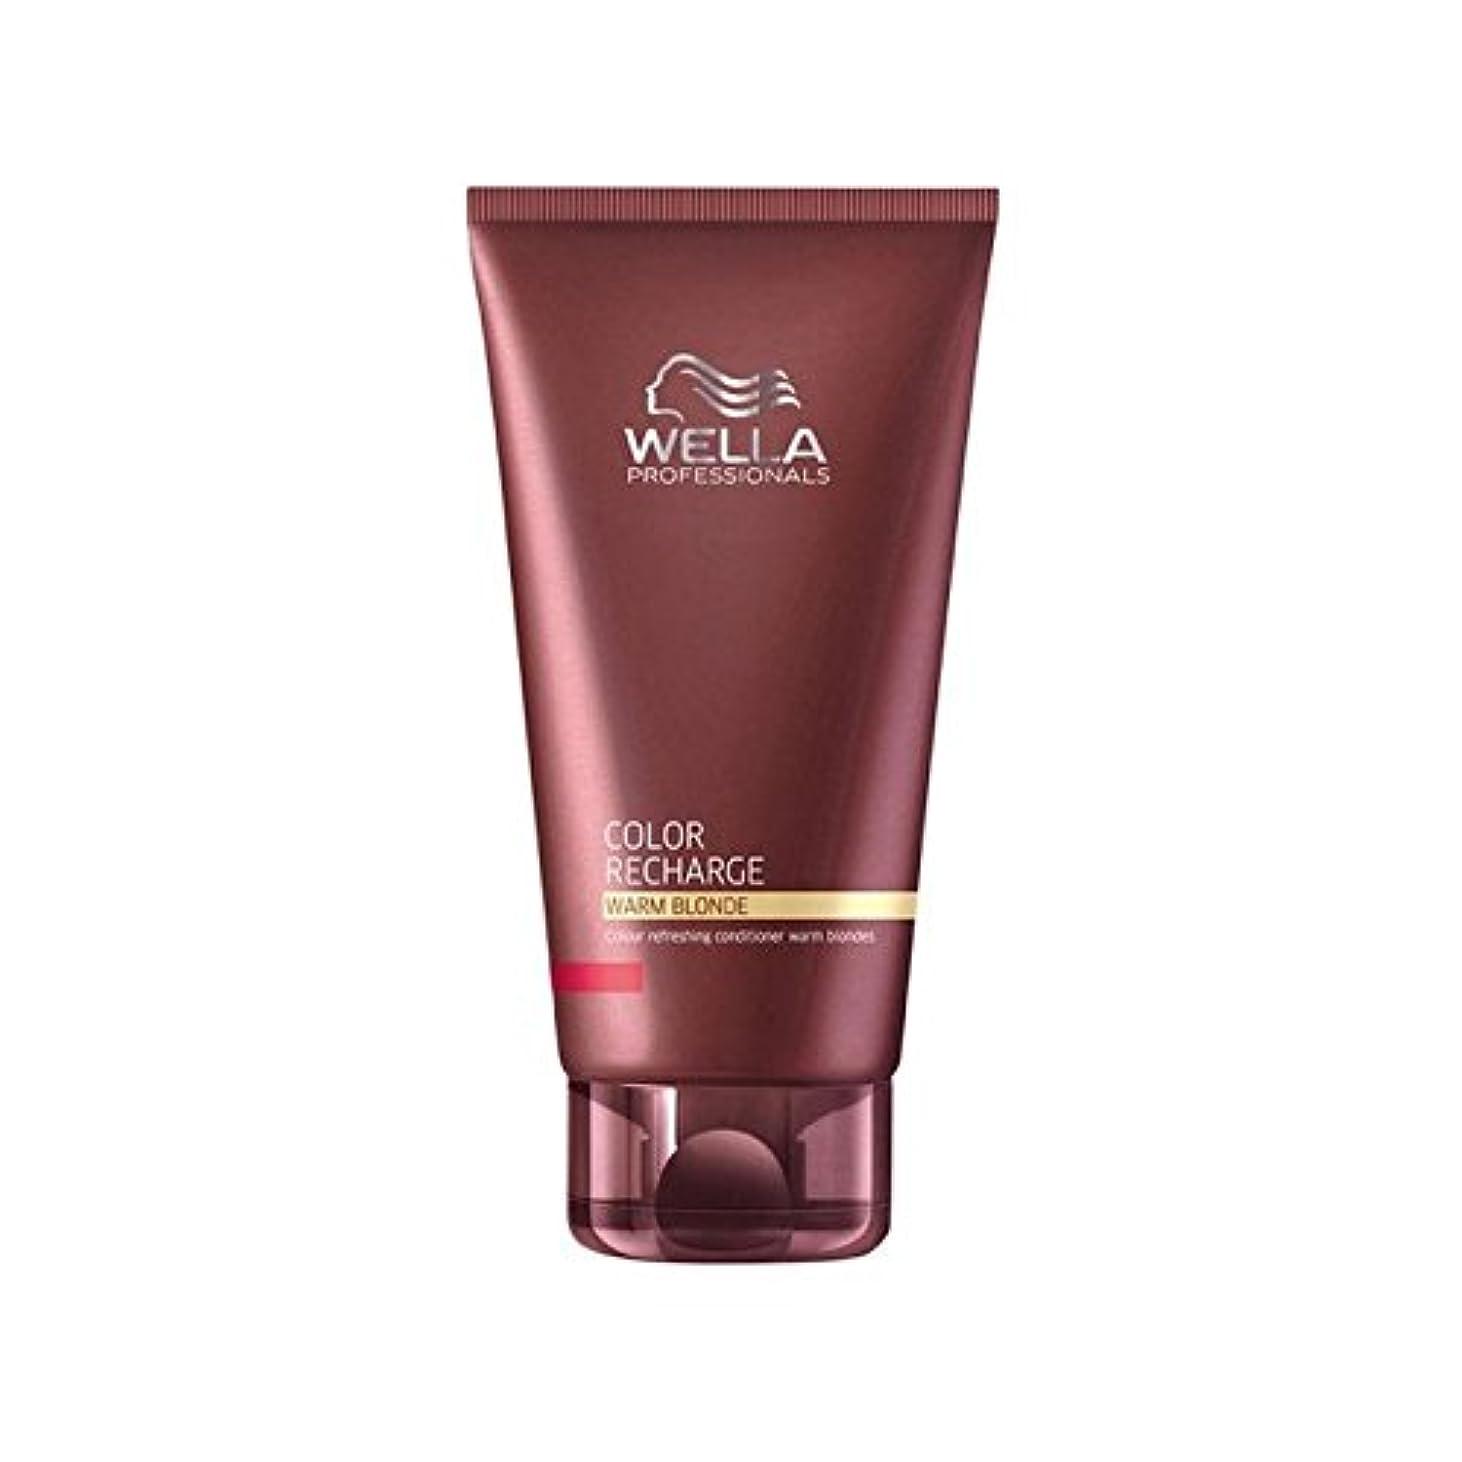 統治可能アノイハムウエラ専門家のカラー再充電コンディショナー暖かいブロンド(200ミリリットル) x2 - Wella Professionals Color Recharge Conditioner Warm Blonde (200ml...